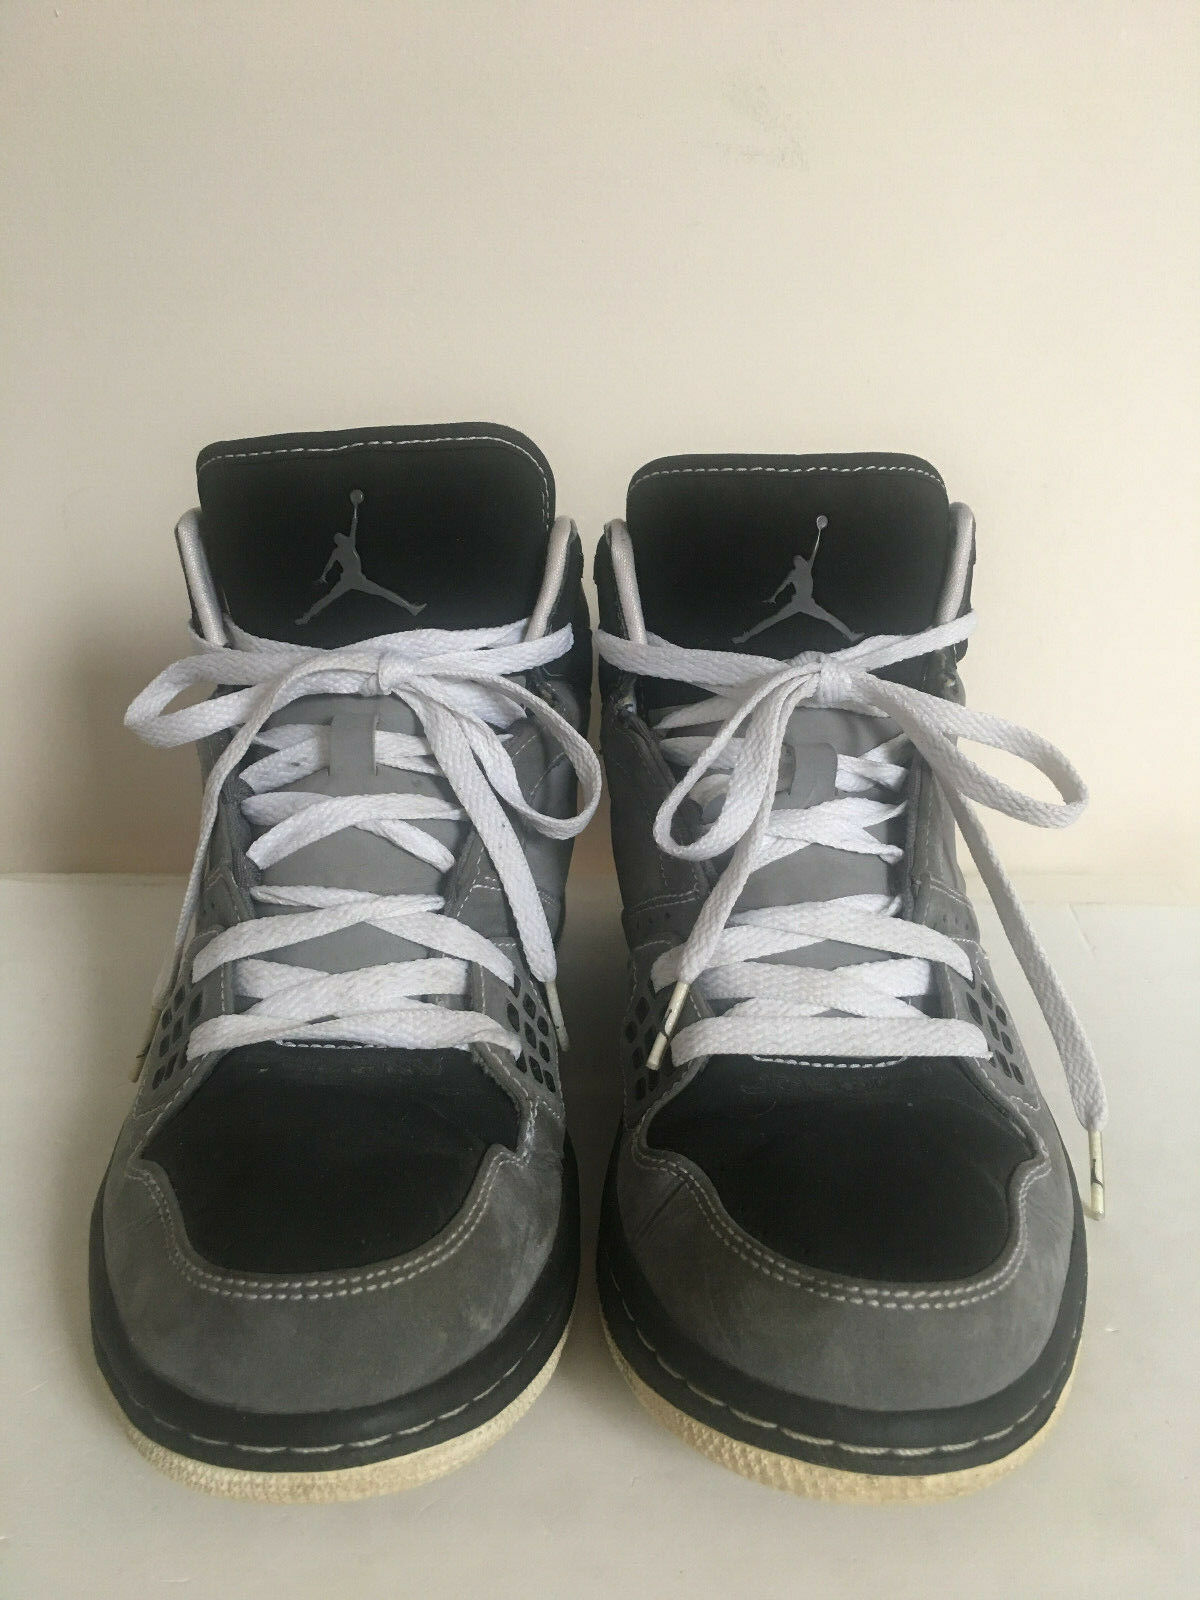 nike mens grigio / nero velluto jordan volo - top top top scarpe sz. 9   Materiale preferito    Qualità Stabile    riparazione    Sig/Sig Ra Scarpa    Gentiluomo/Signora Scarpa    Sig/Sig Ra Scarpa  0a54e1